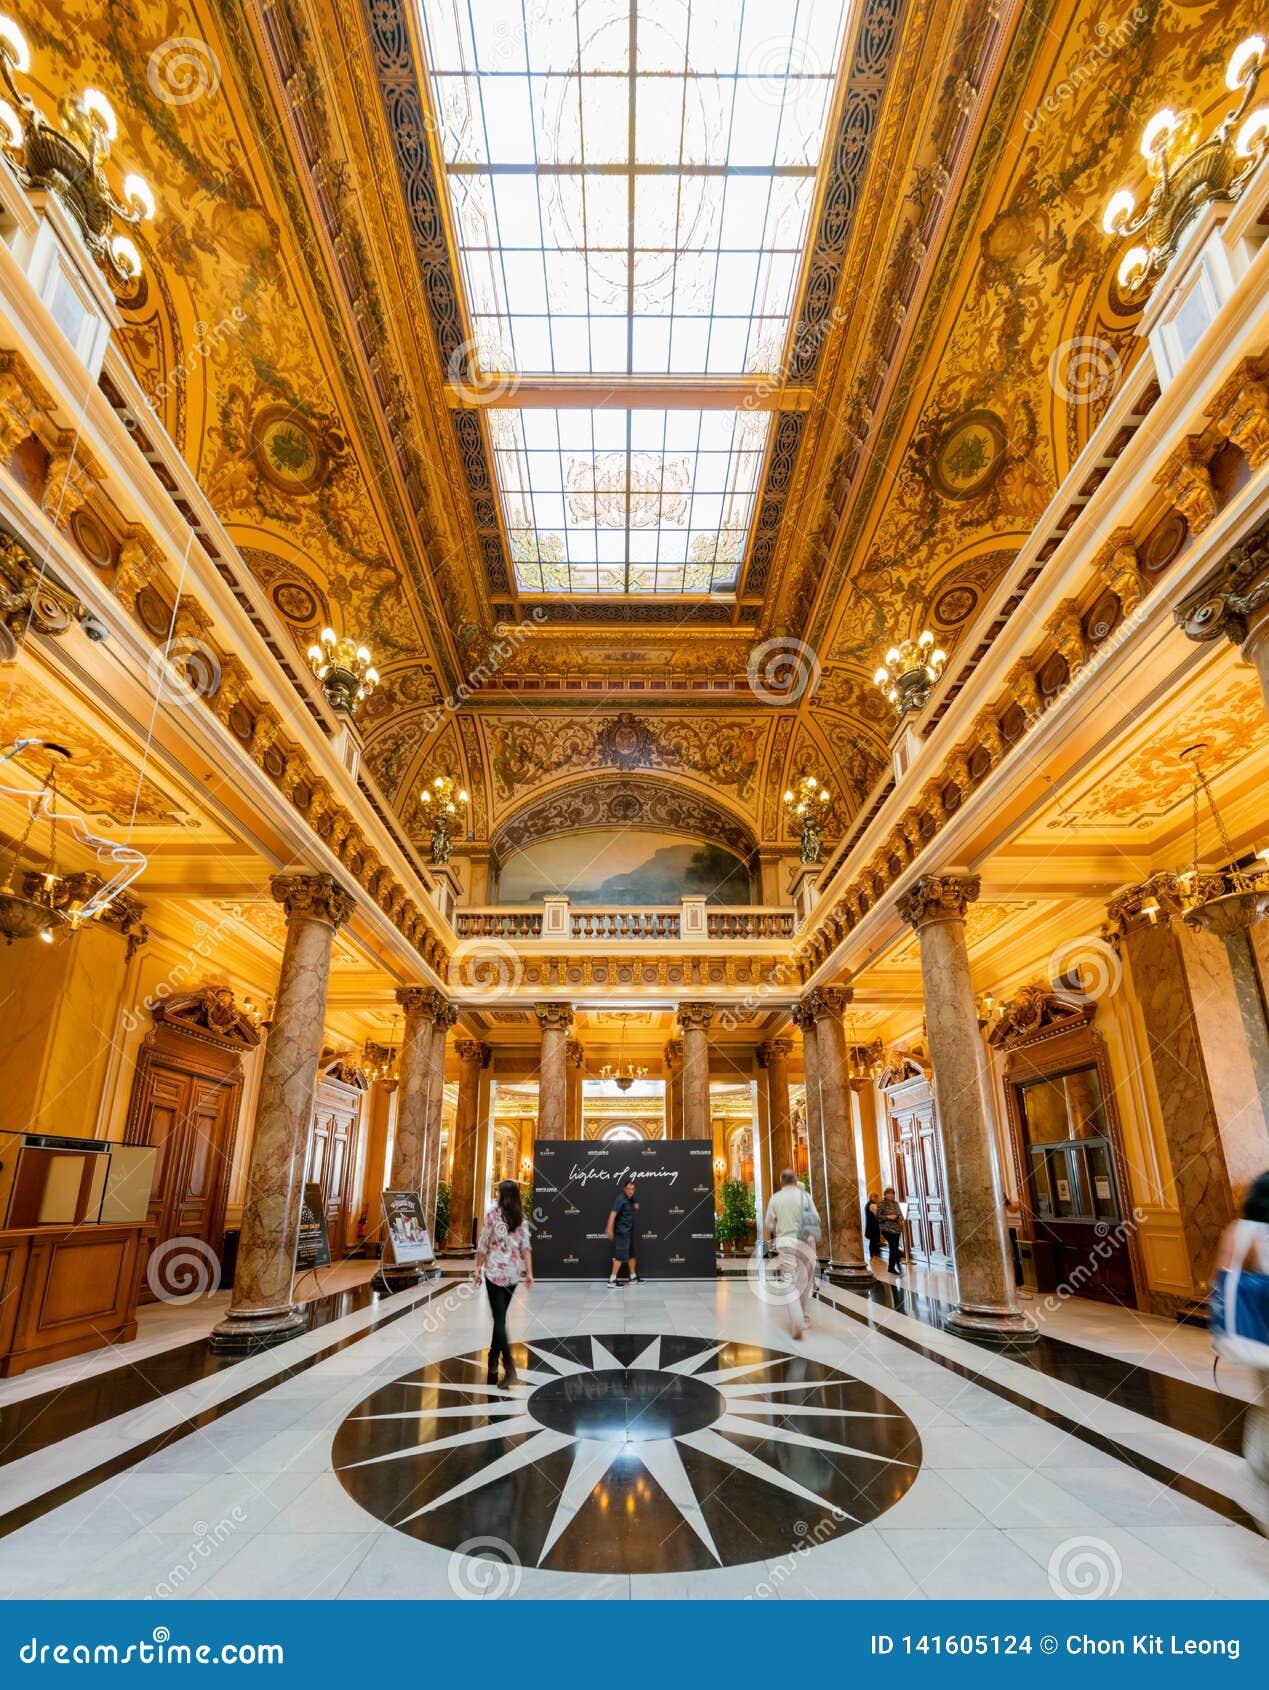 Famous Casino In Monaco